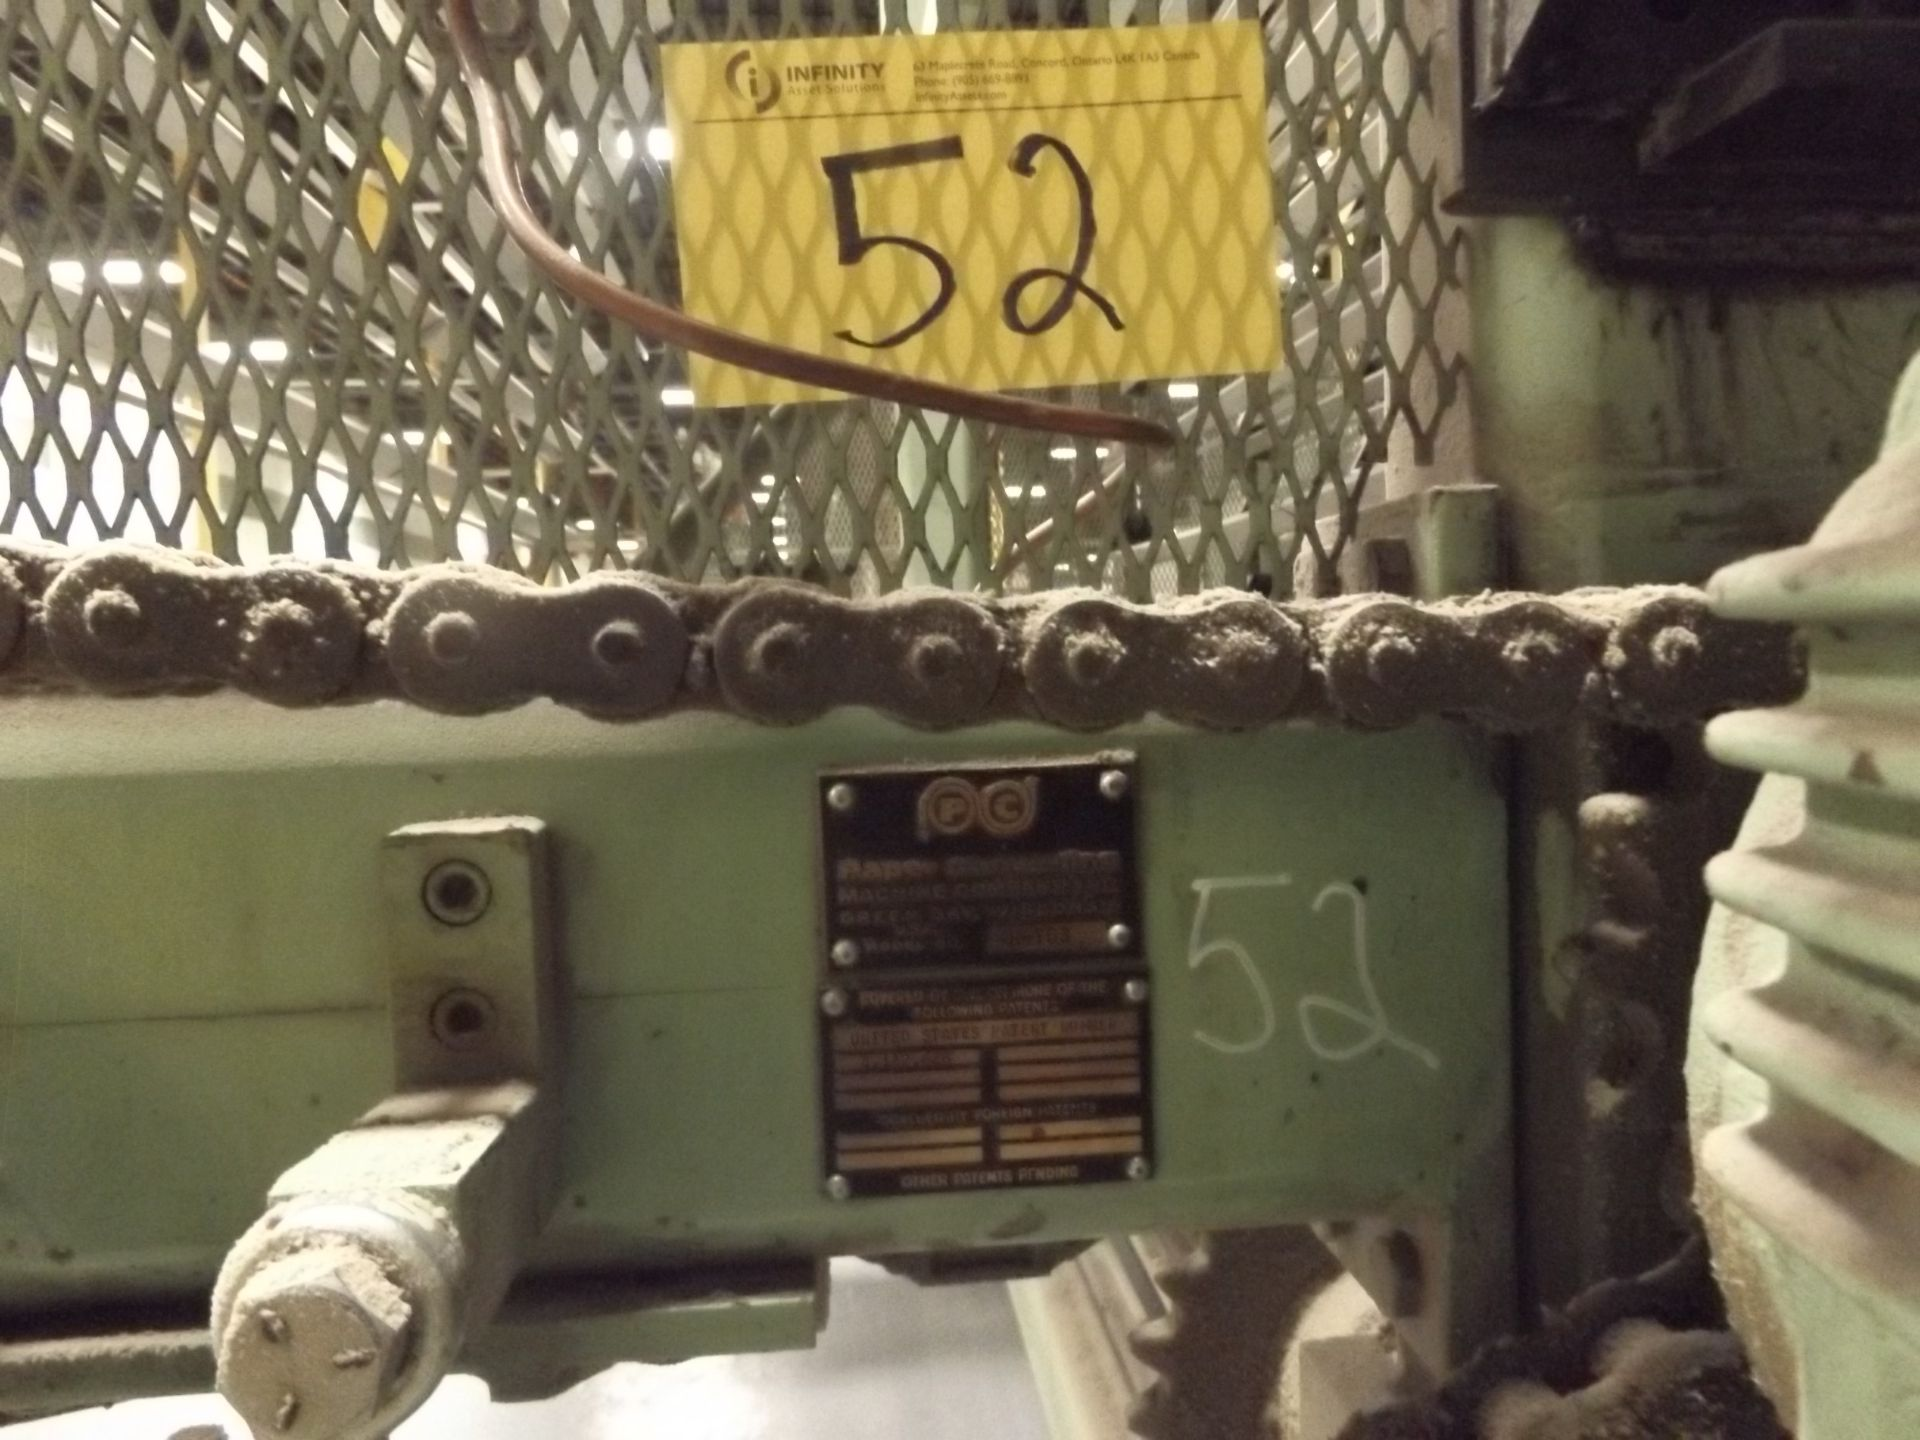 Lot 52 - 1988 PCMC log acumulator MODEL# R-763 (W4)